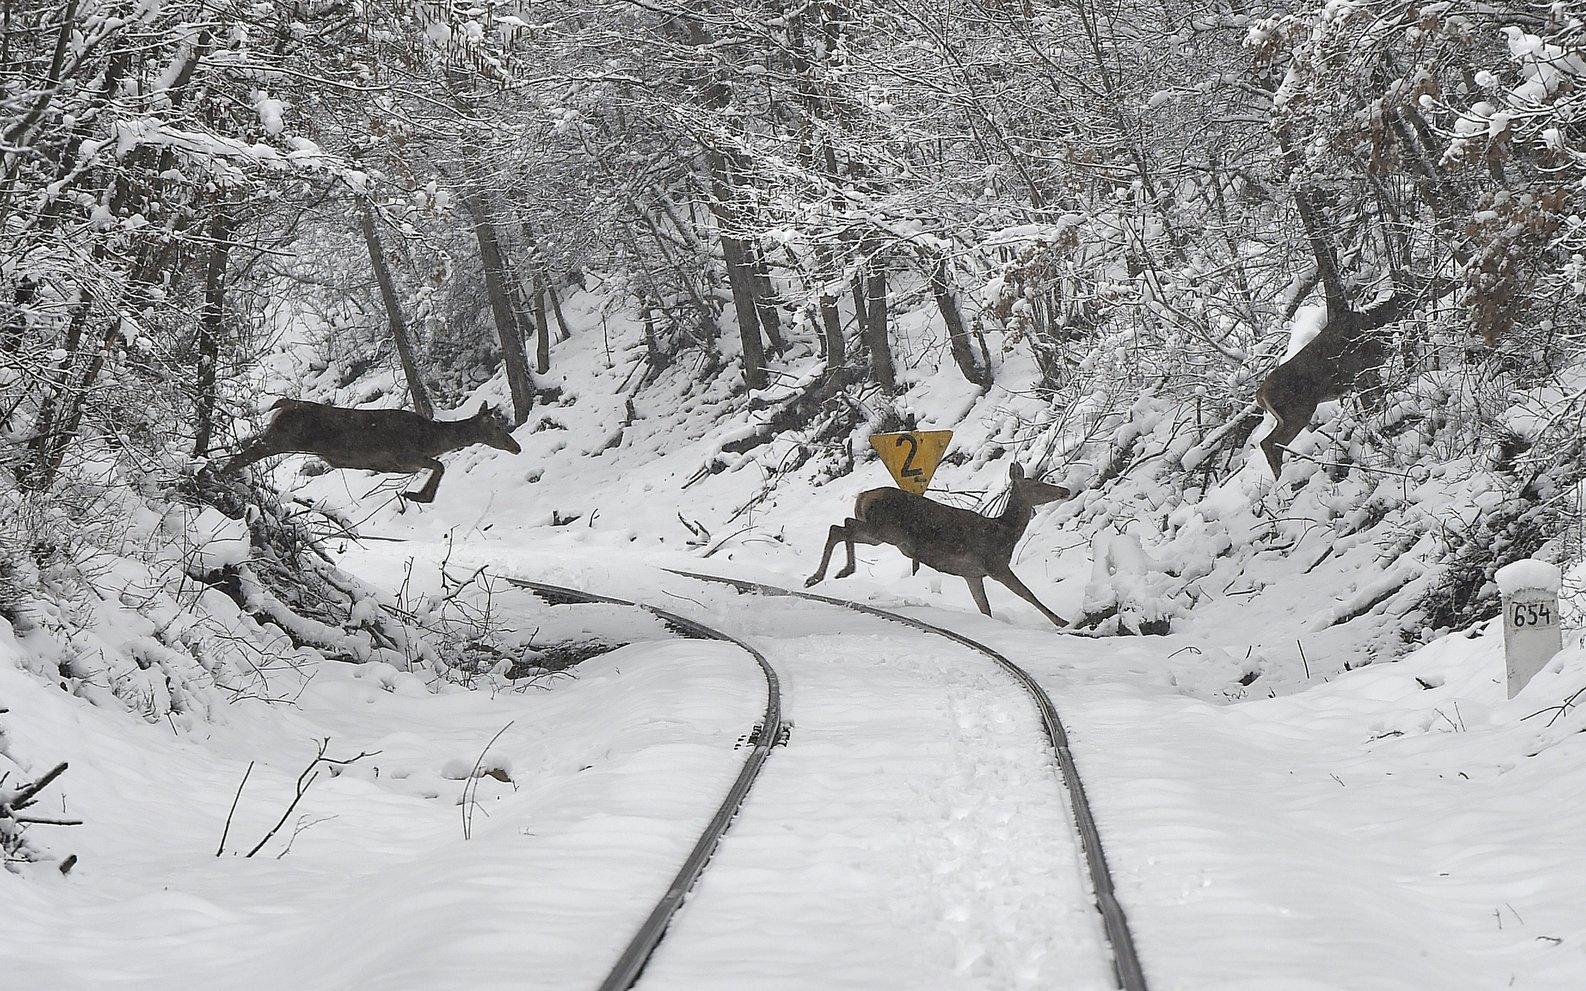 Őzek ugranak át a Veszprém és Eplény közötti vasútvonalon a havas Bakonyban 2018. február 23-án. MTI Fotó: Máthé Zoltán